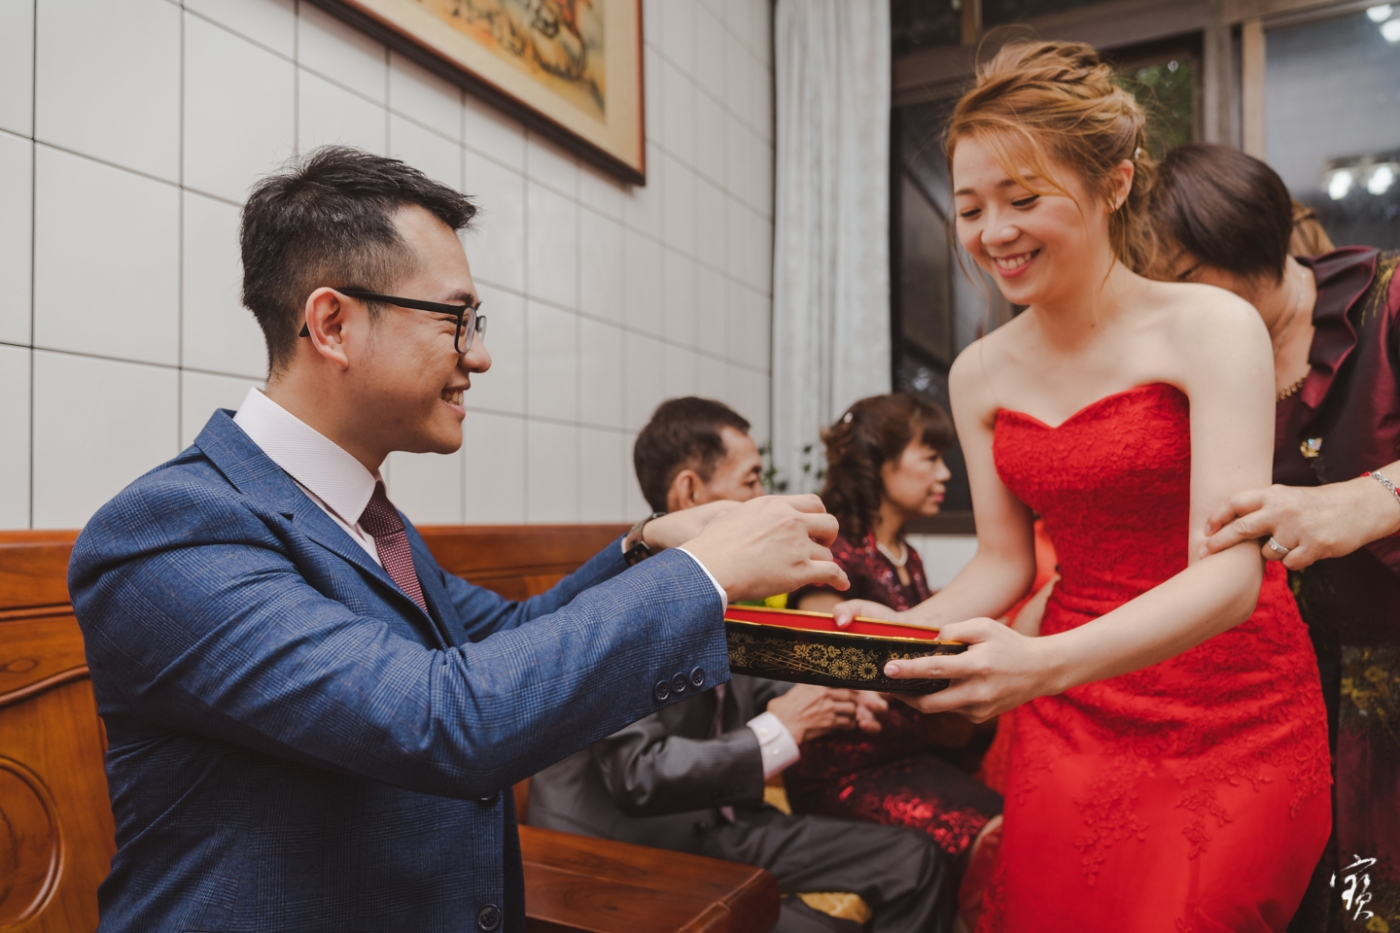 桃園婚禮 晶麒莊園 婚禮攝影 攝影師大寶 北部攝影 桃園攝影 新竹攝影 台北攝影 婚攝 早儀晚宴 1071014-15